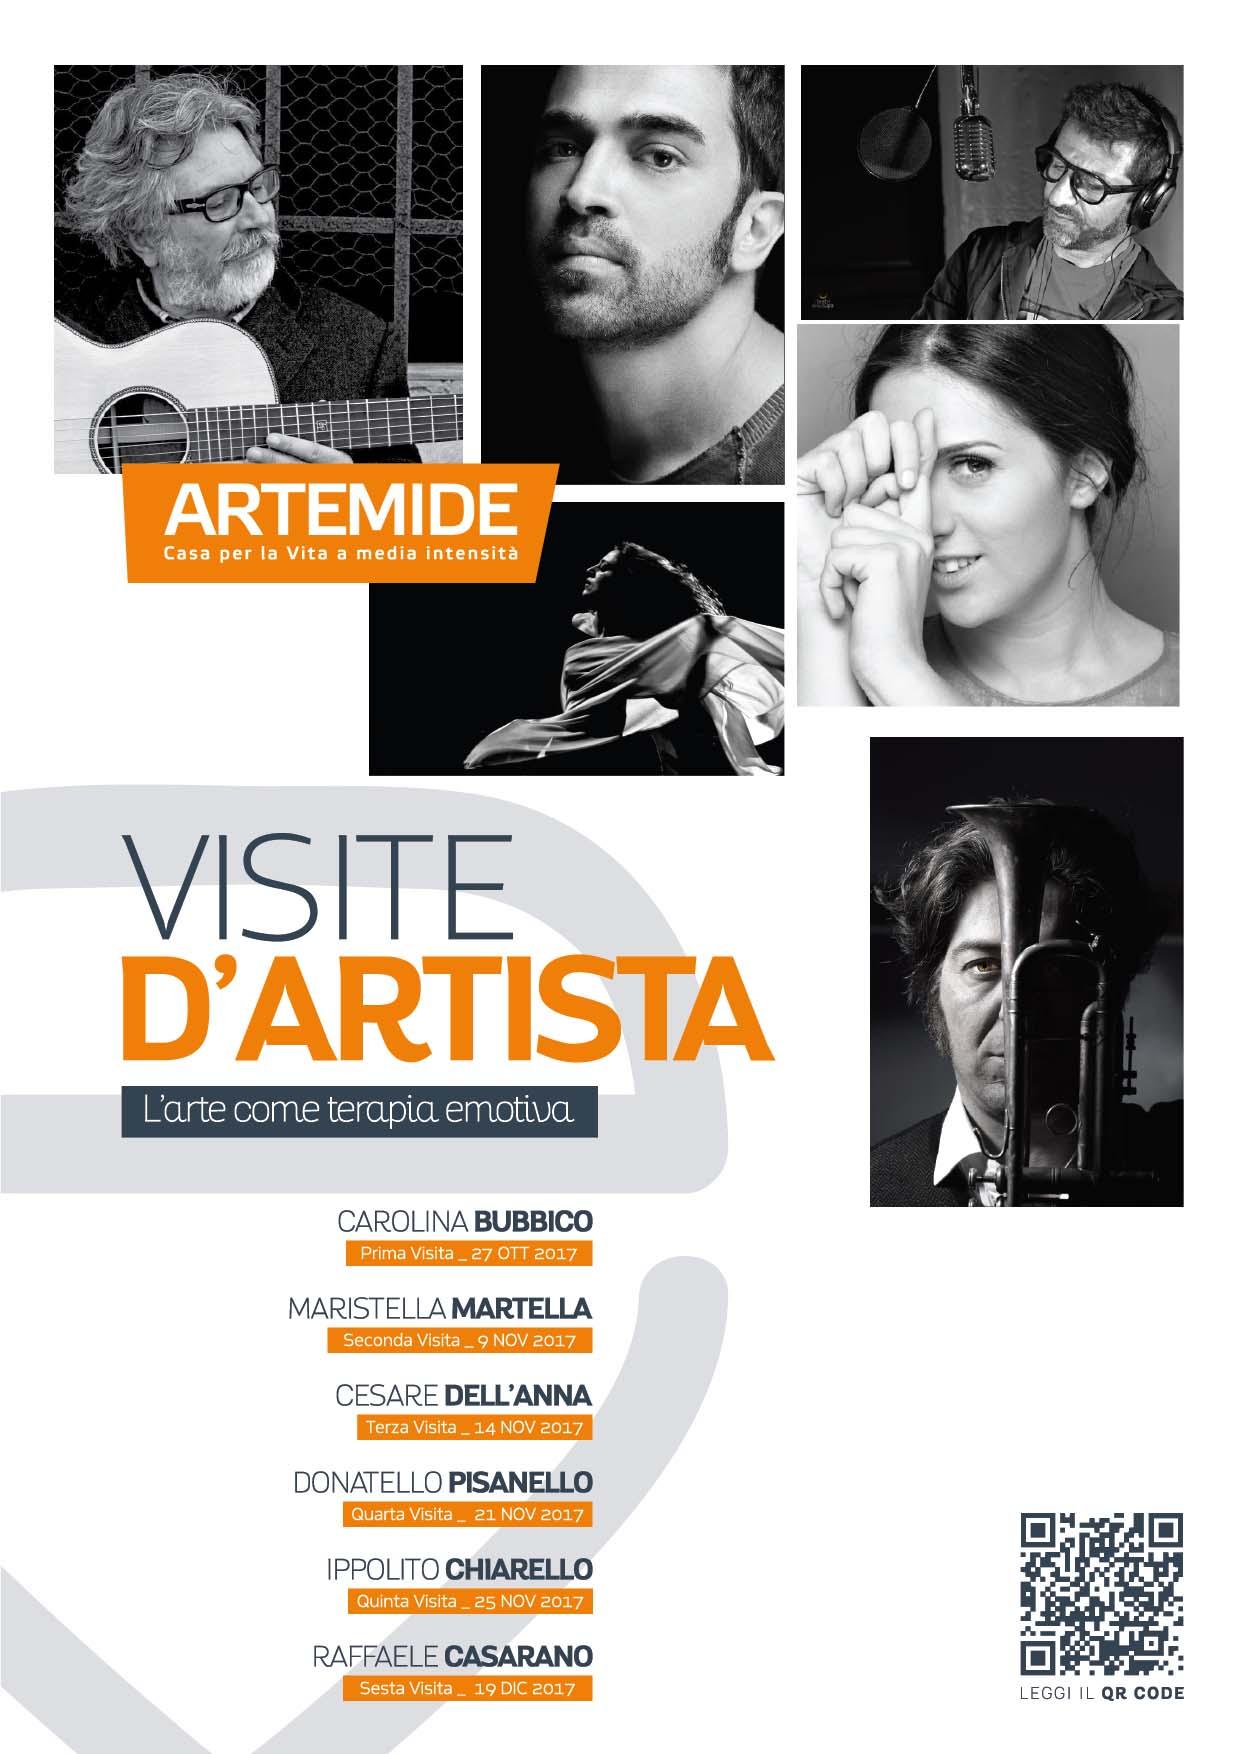 Invito Visite d'Artista